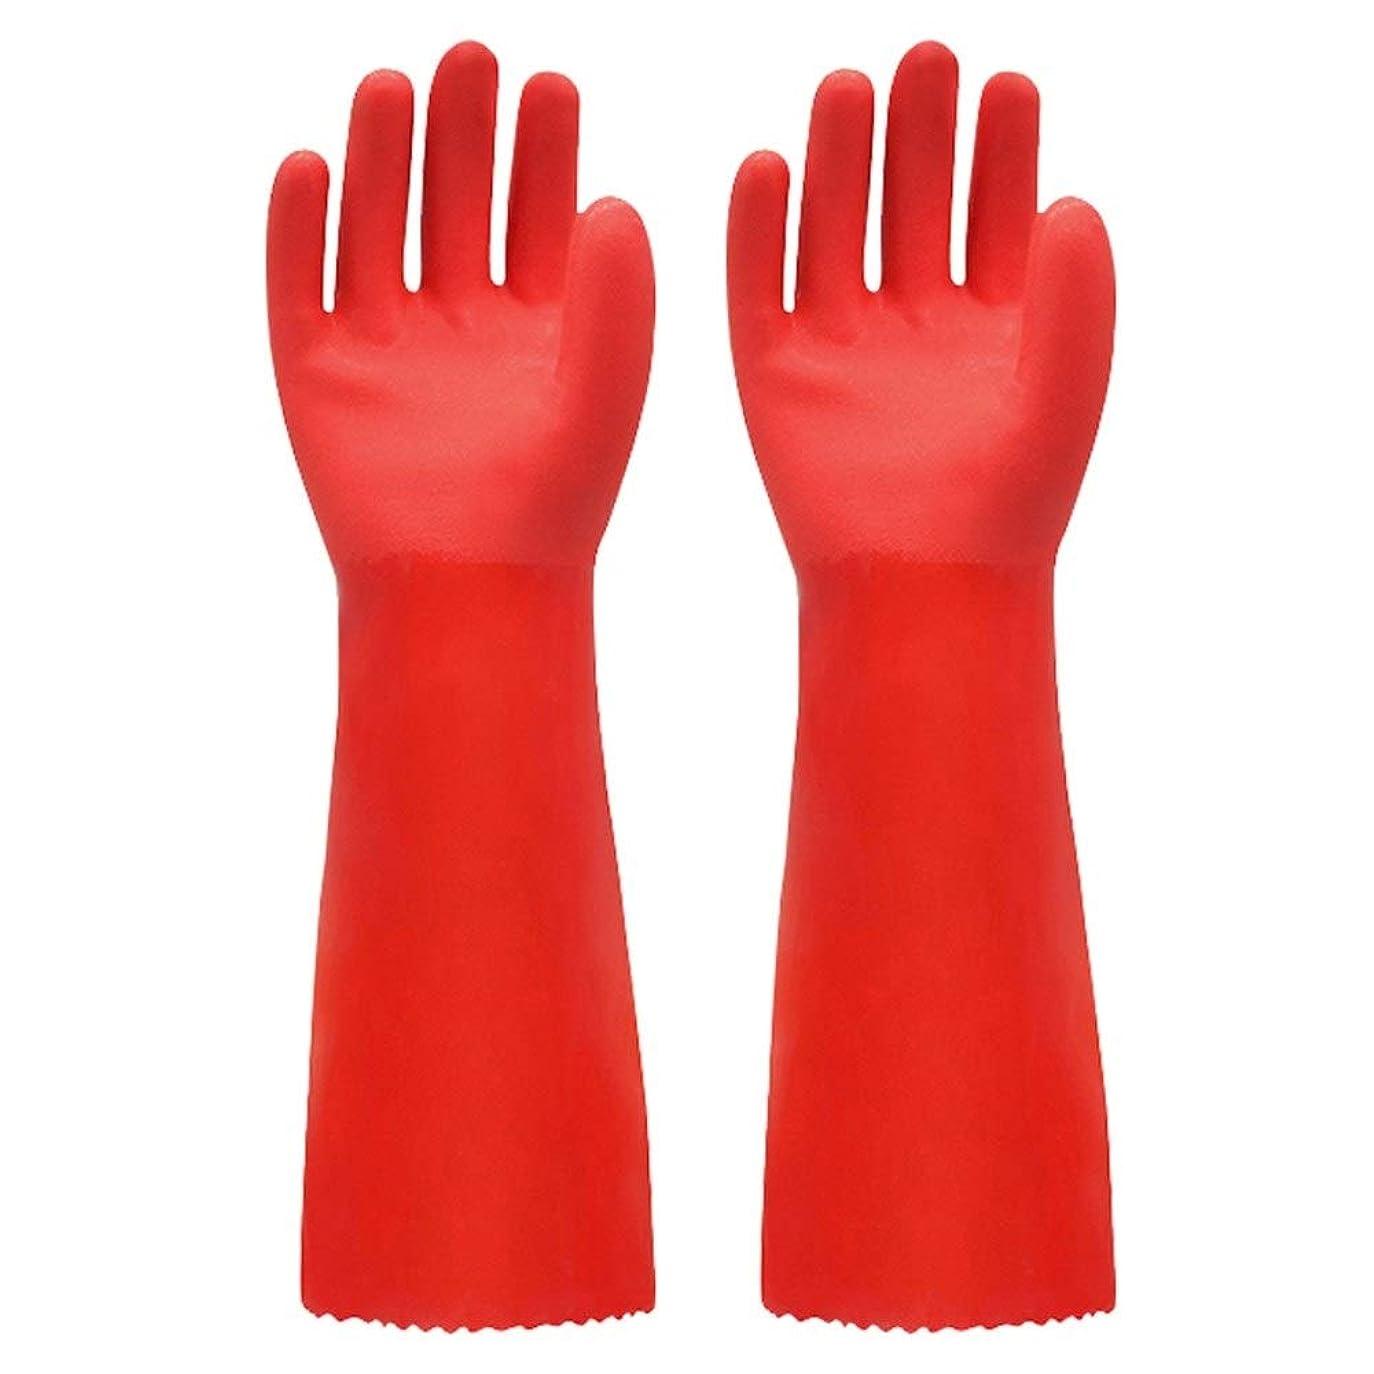 暗くする雰囲気競合他社選手BTXXYJP キッチン用手袋 手袋 掃除用 ロング 耐摩耗 食器洗い 作業 炊事 食器洗い 園芸 洗車 防水 手袋 (Color : RED, Size : L)